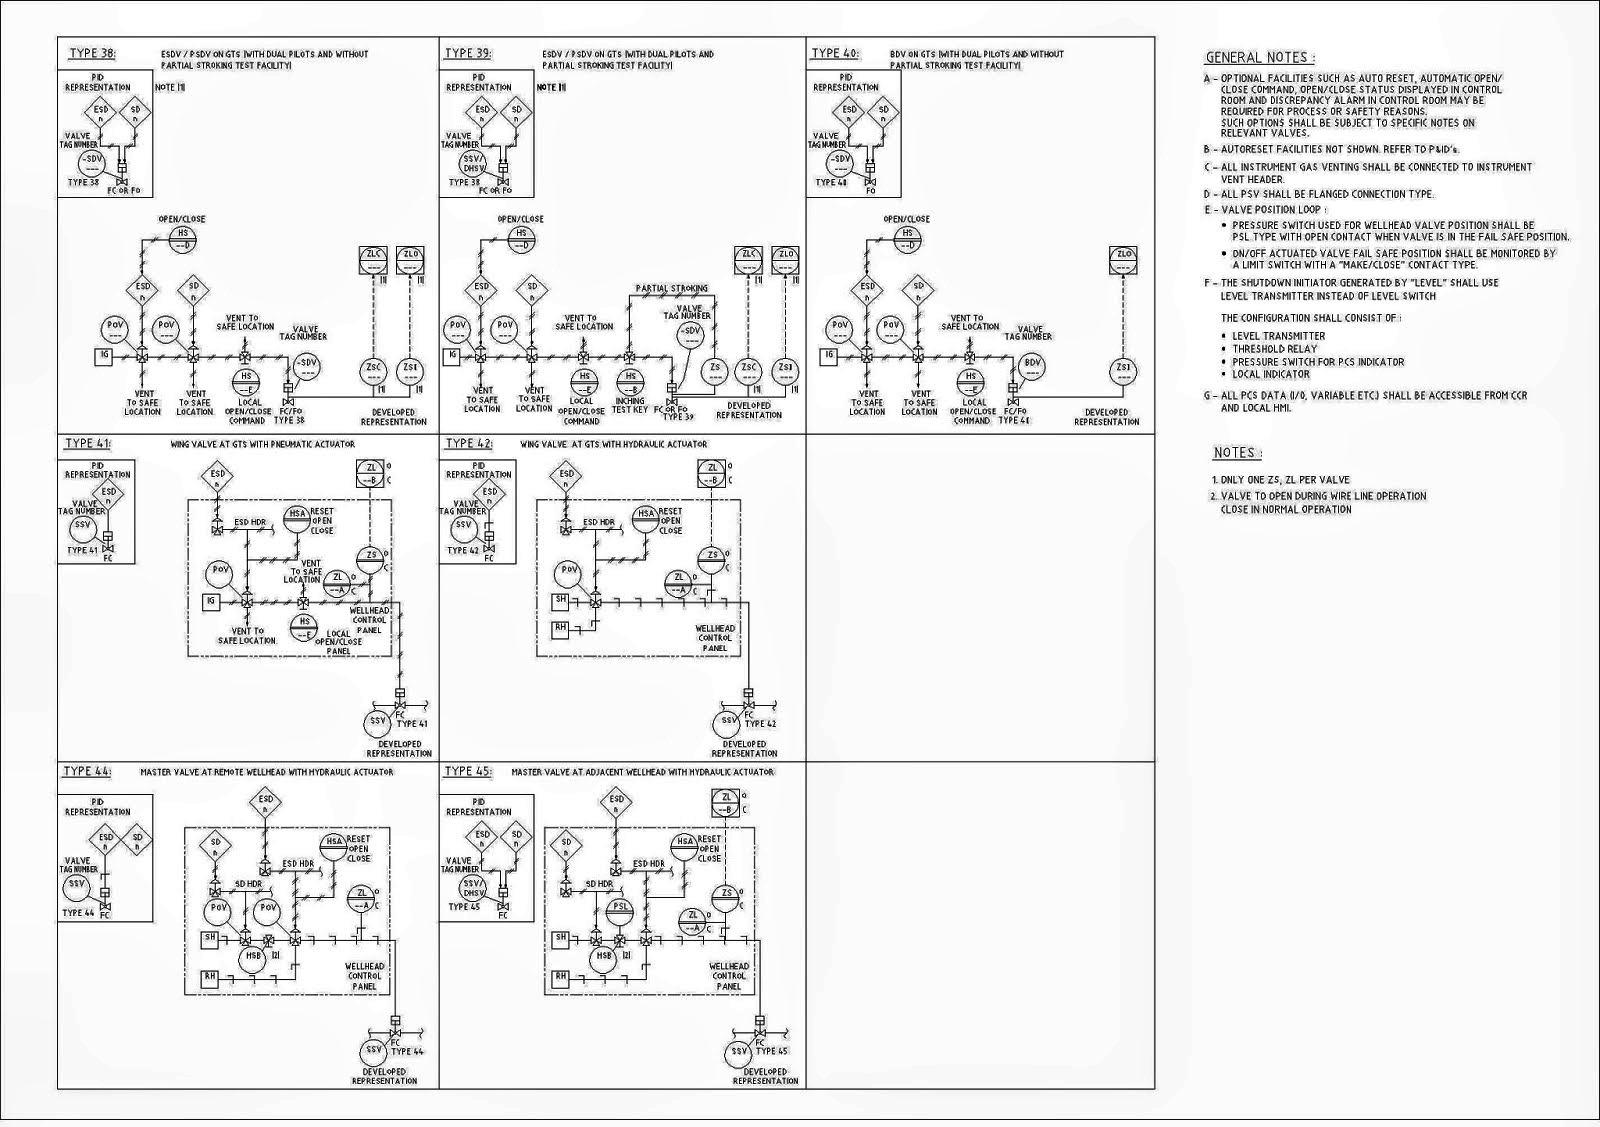 hight resolution of piping instrumentation diagram jpg1600 1127 314 kb